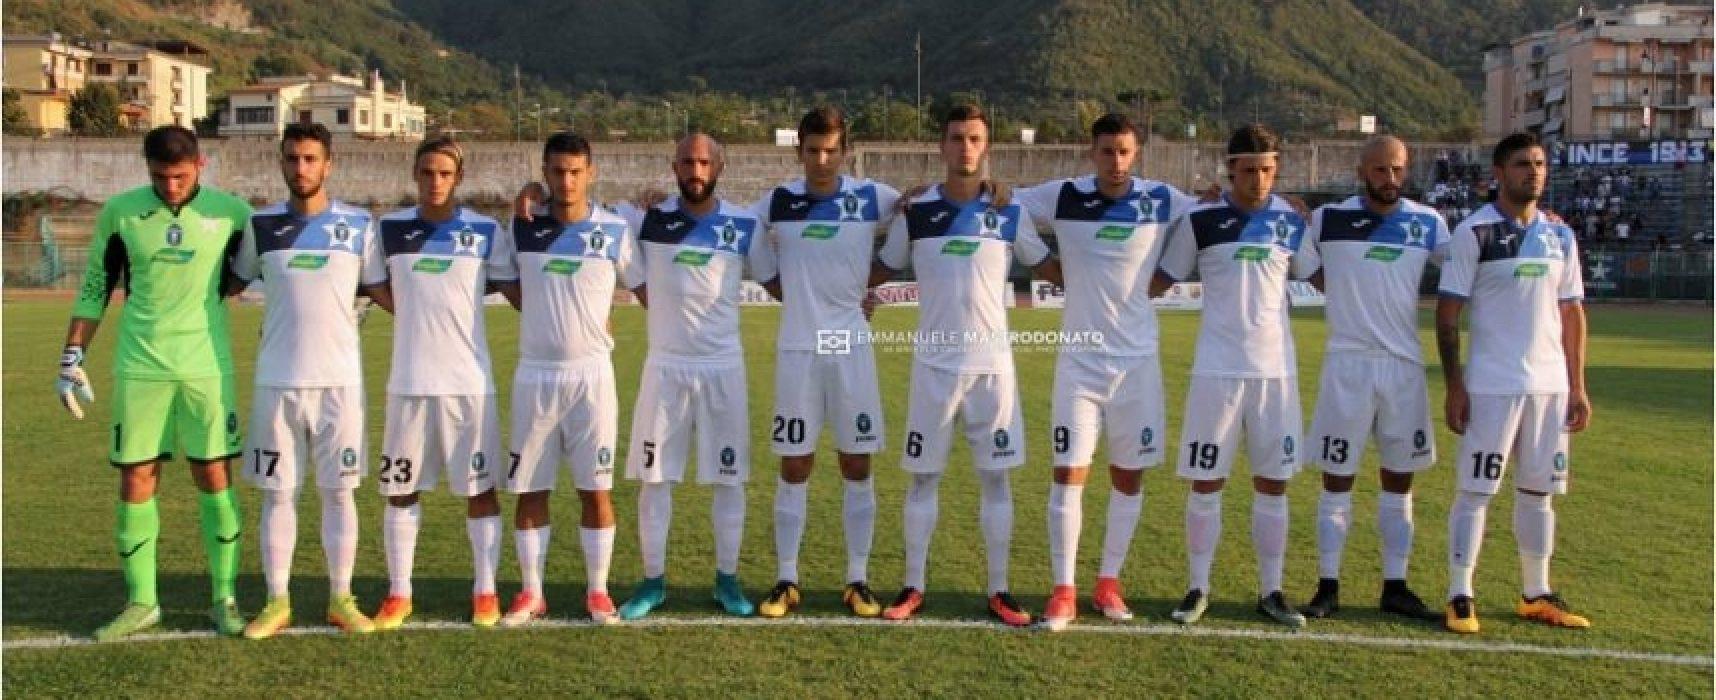 Il Bisceglie Calcio riprende oggi gli allenamenti, giovedì amichevole a Gravina